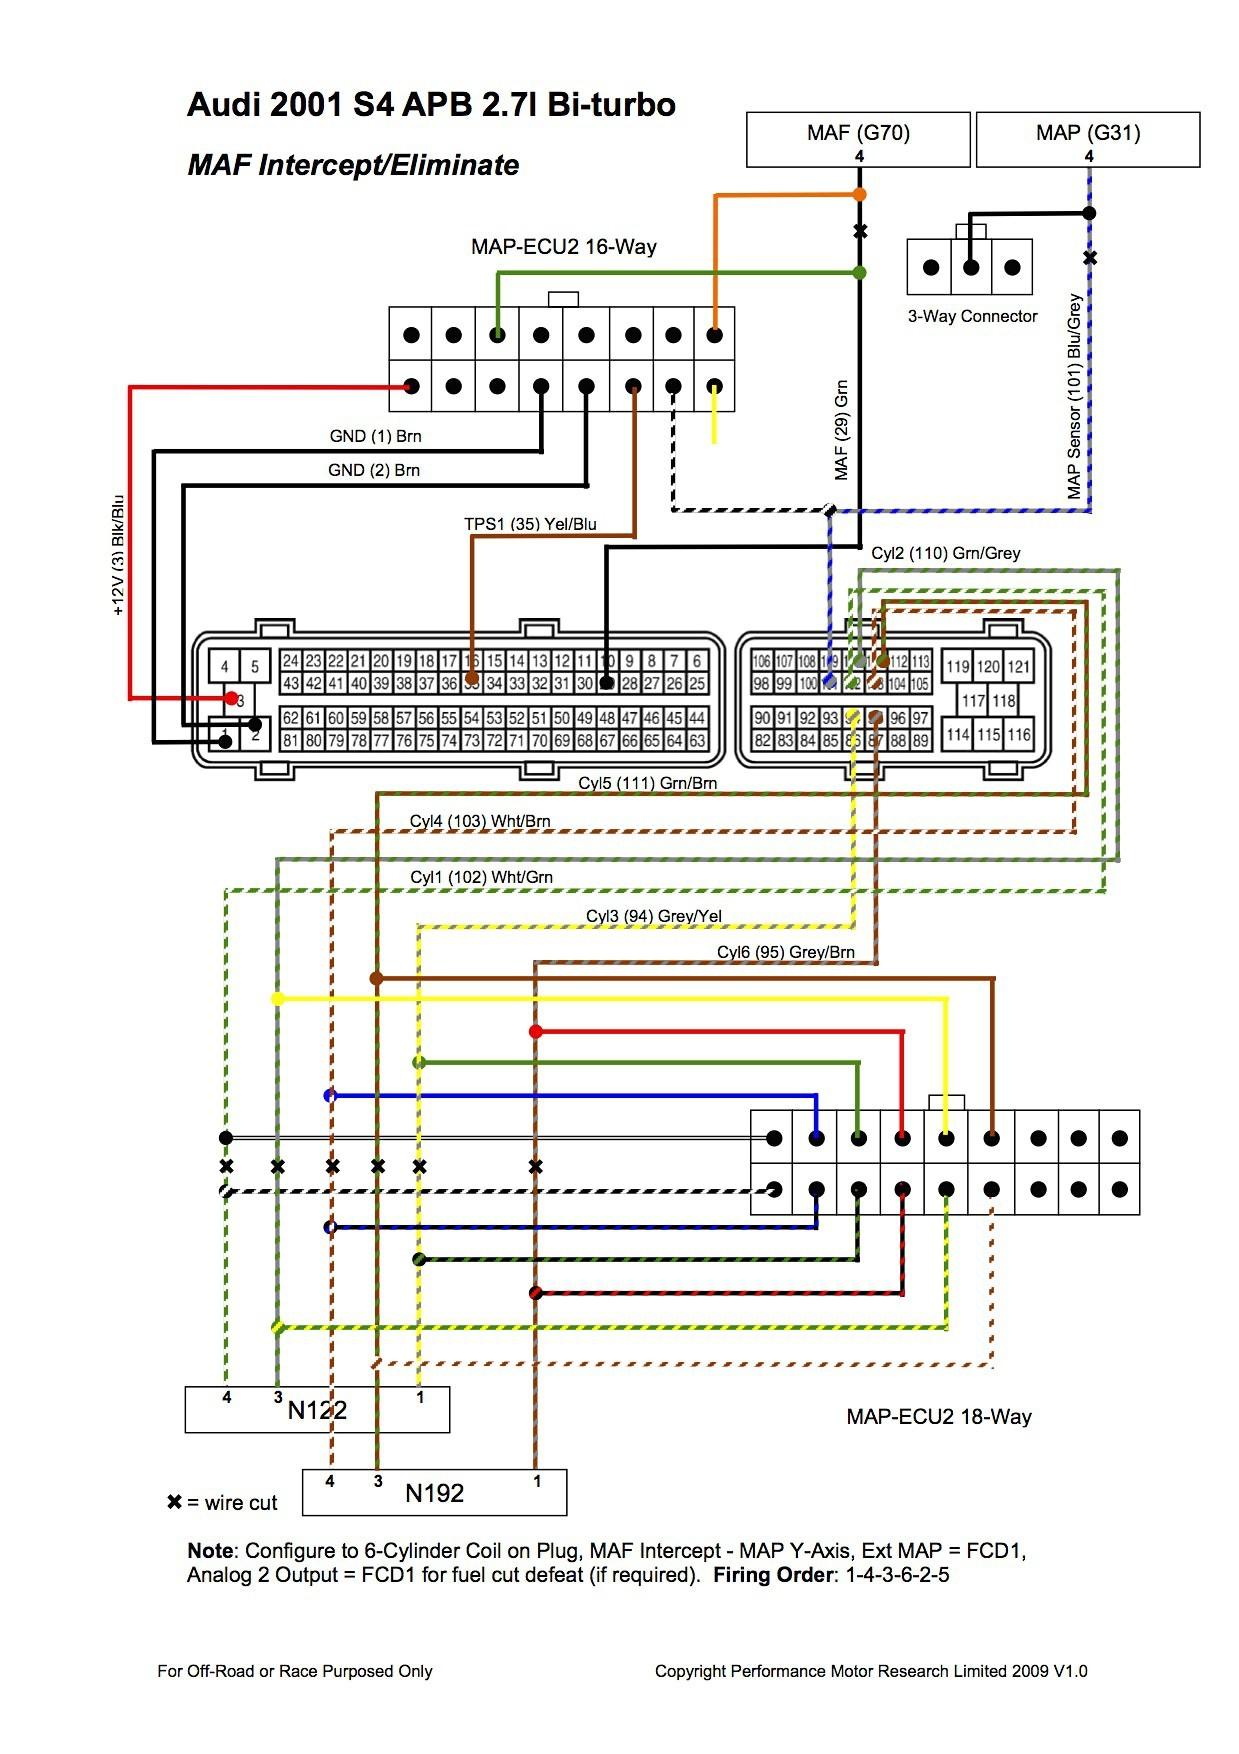 93 Ford Festiva Wiring Diagram - 1999 Ford E 350 Super Duty Wiring Diagram  for Wiring Diagram SchematicsWiring Diagram Schematics